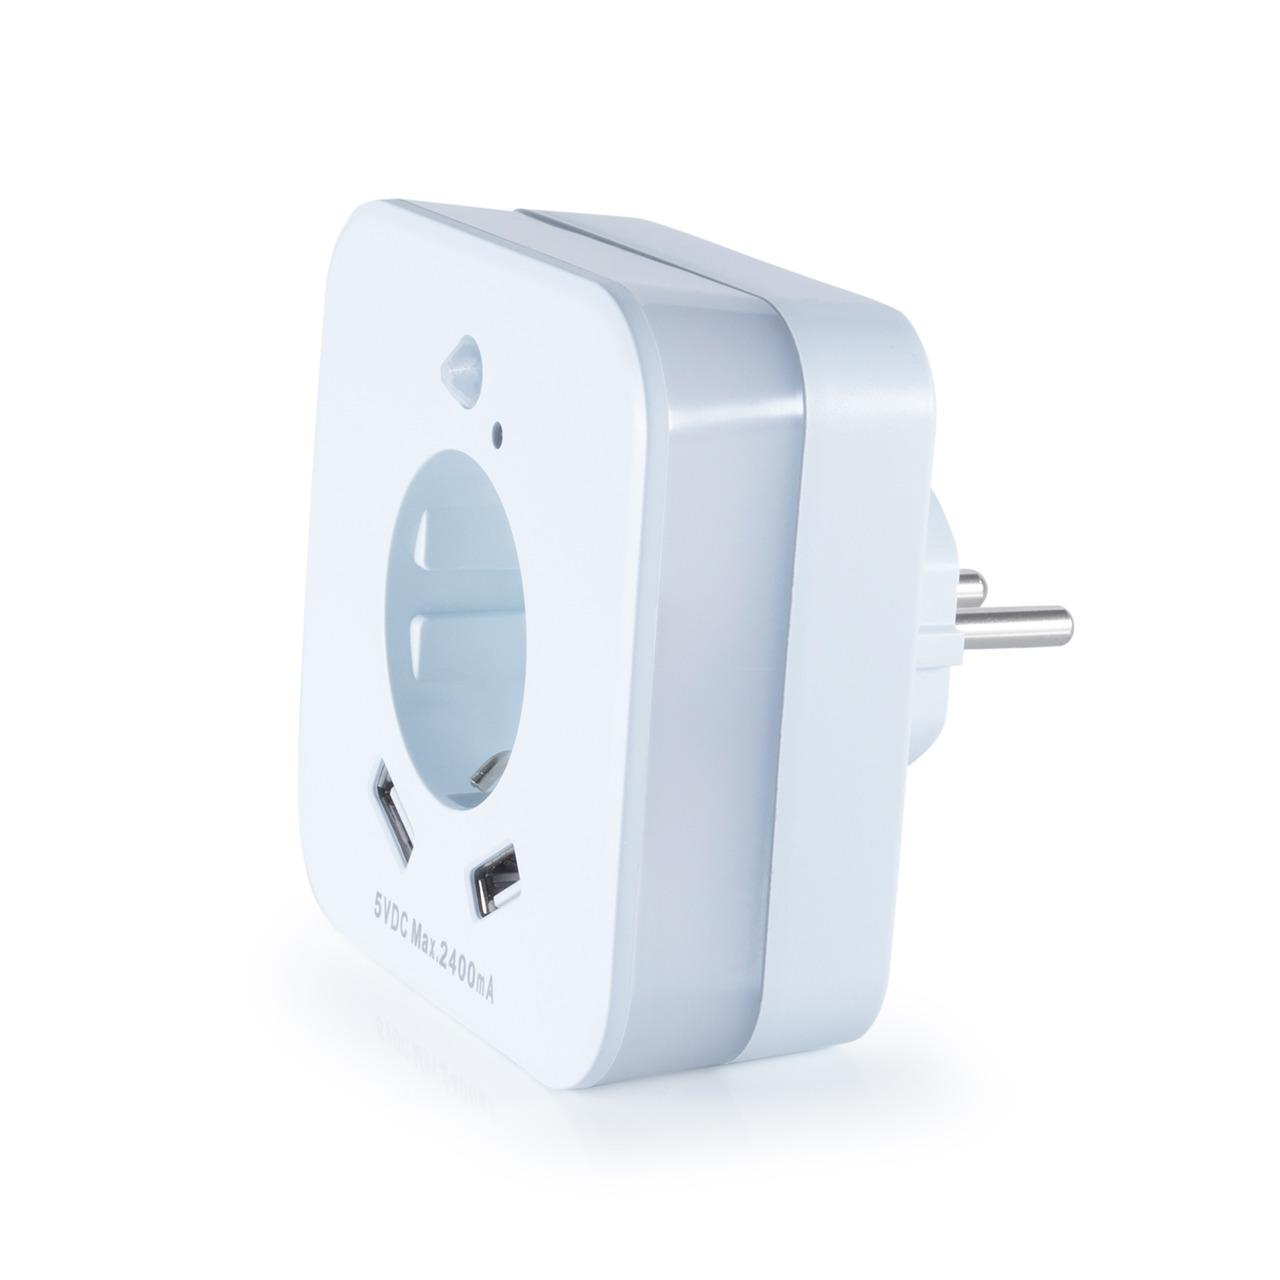 InnTec LED-Nachtlicht mit Bewegungsmelder- Steckdose und 2x USB-Anschlüssen (2-4A)